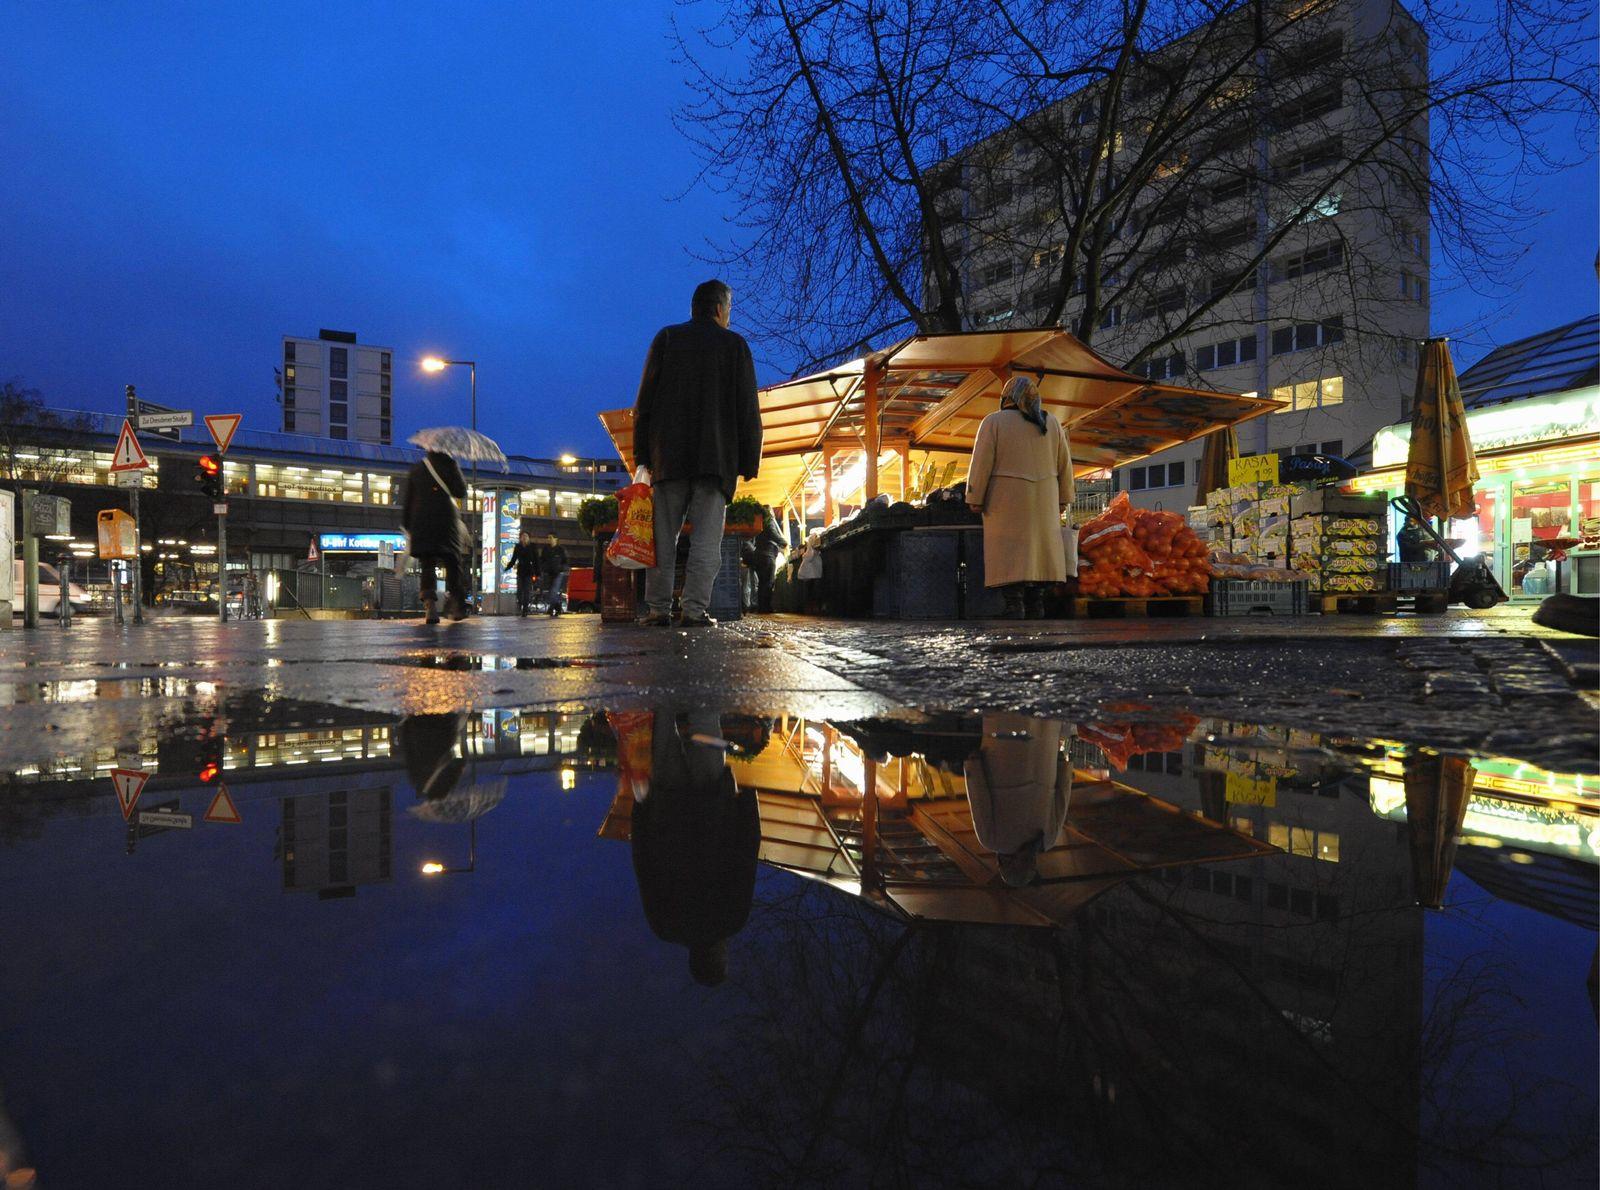 NICHT VERWENDEN Kottbusser Tor am Abend